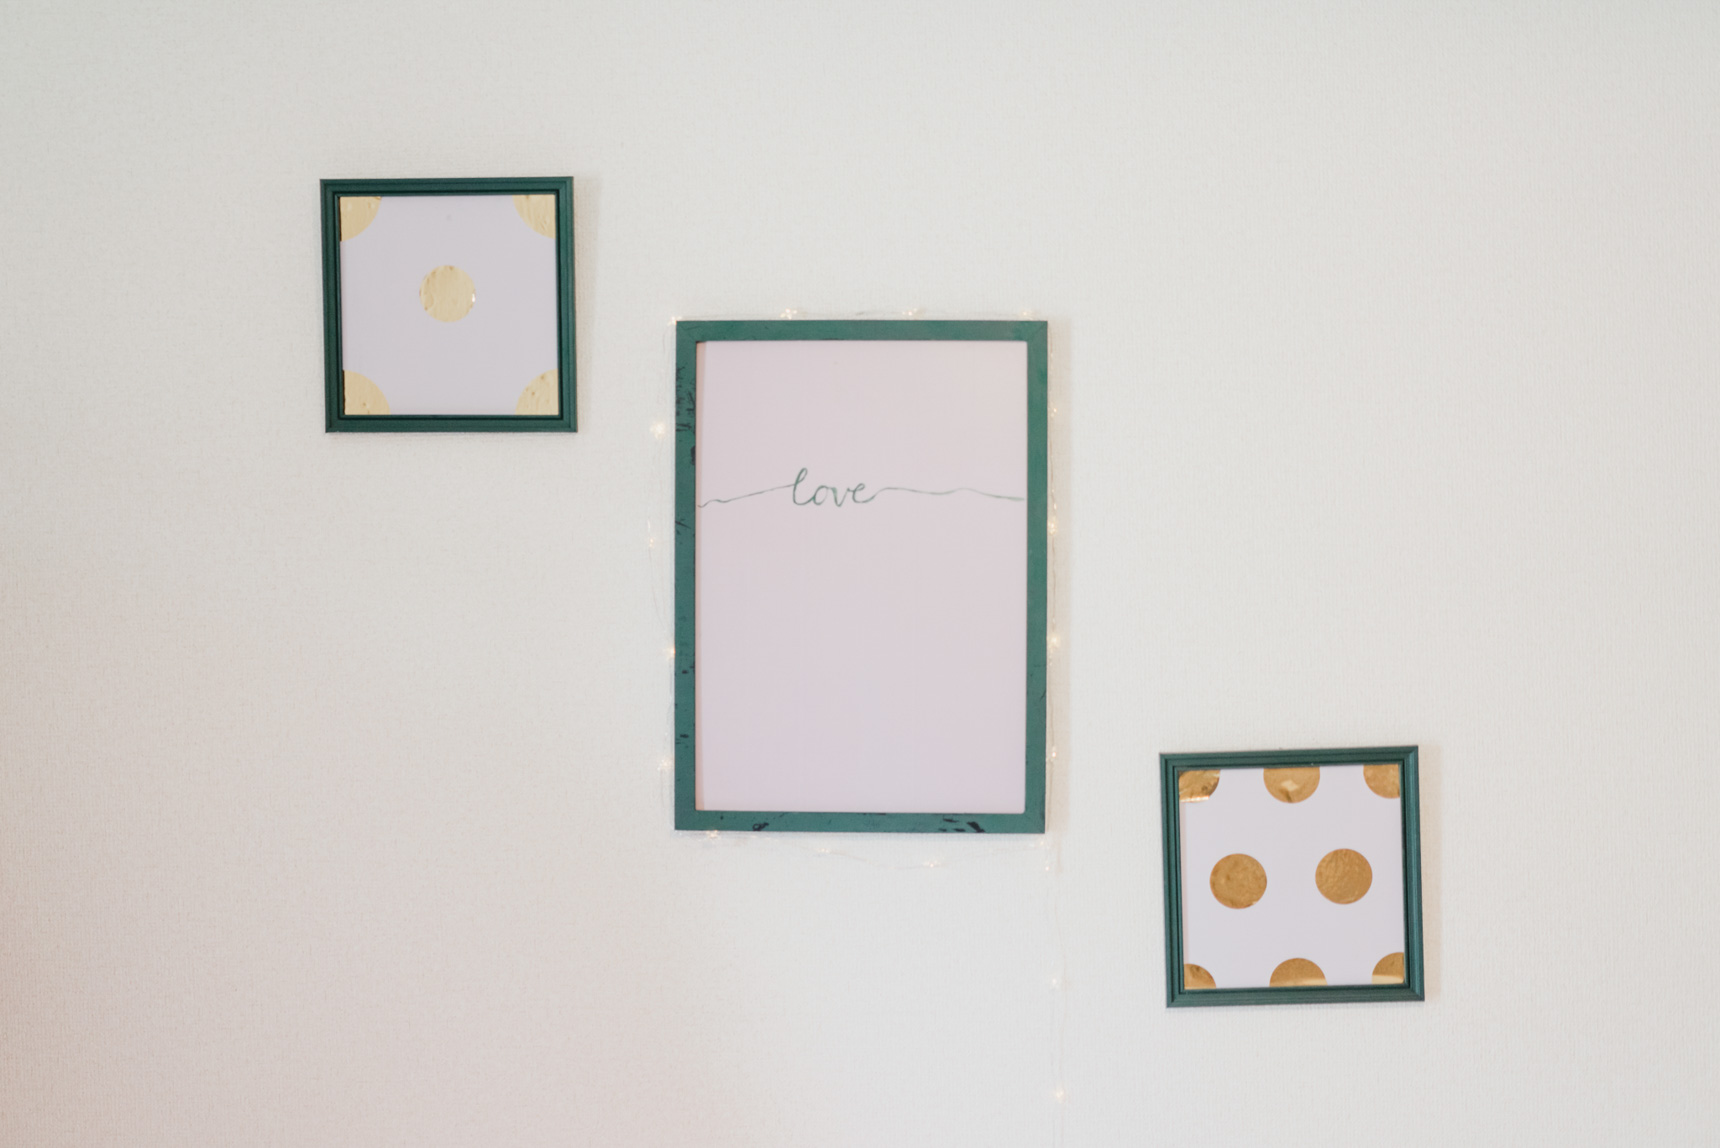 絵を描くのもお好きなあかねさん。こちらのアートは、ご自身でつくられたもの。部屋の雰囲気にぴったりです。